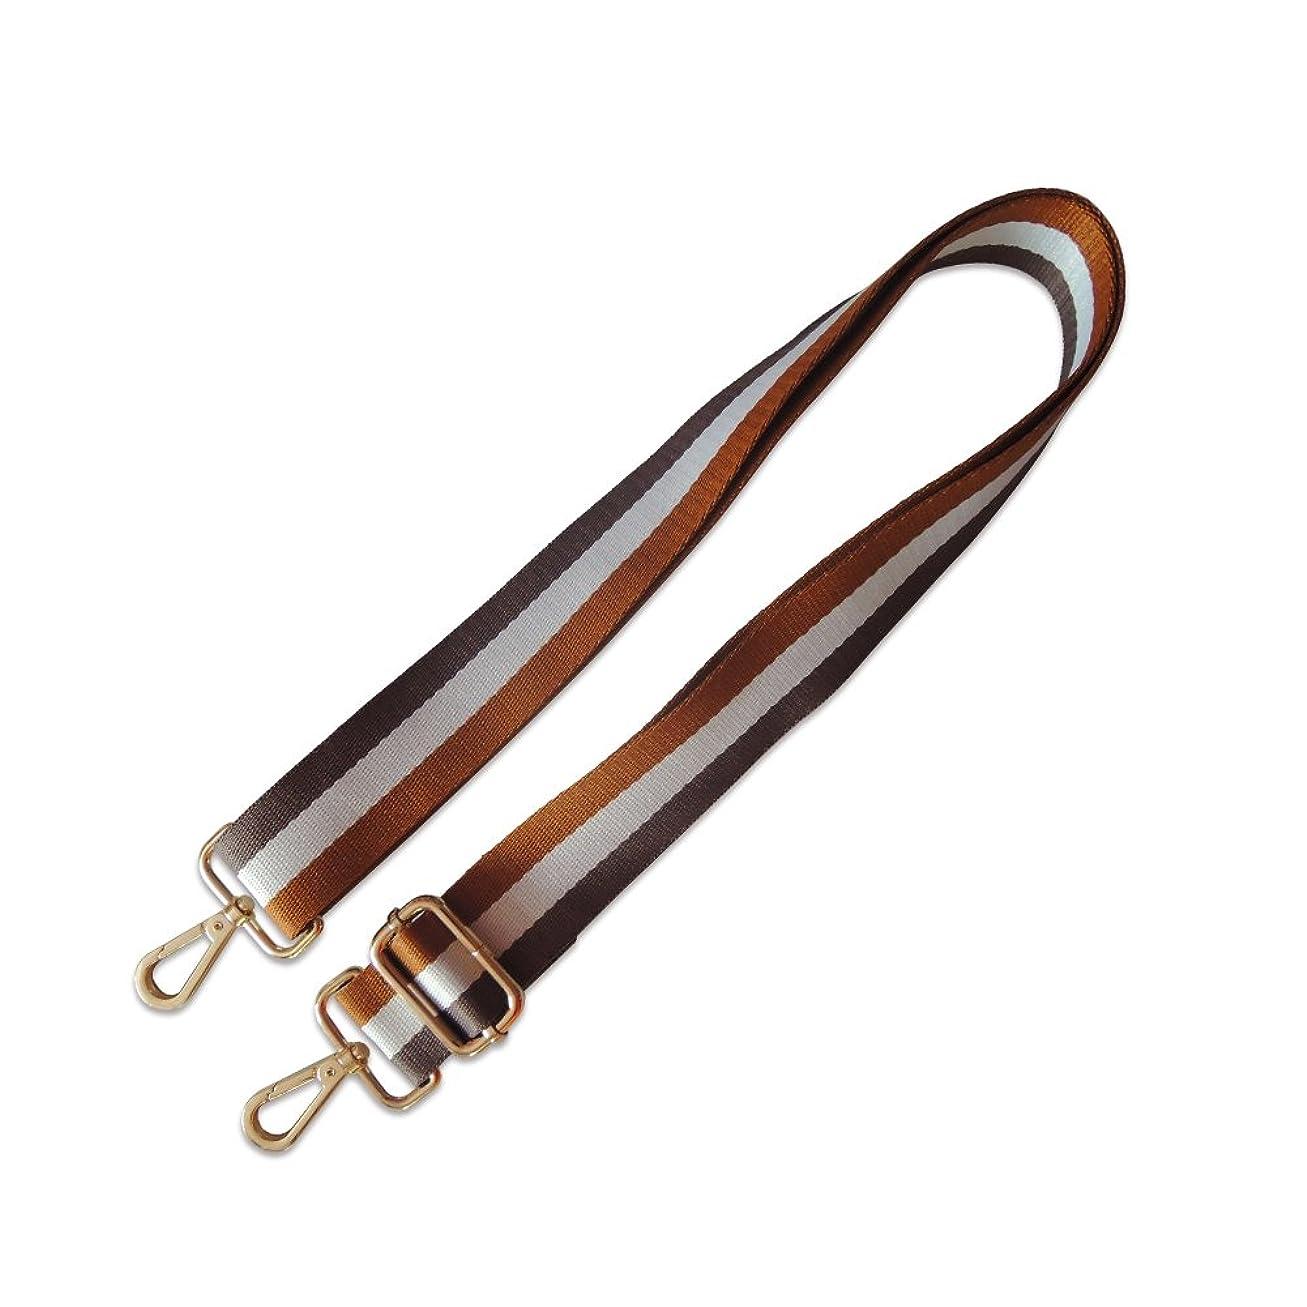 コンドーム設計図欠伸Meseey ファション ショルダーベルト ショルダーストラップ バッグベルト バッグ小物 ストライプ 長さ調節可能 交換用単品